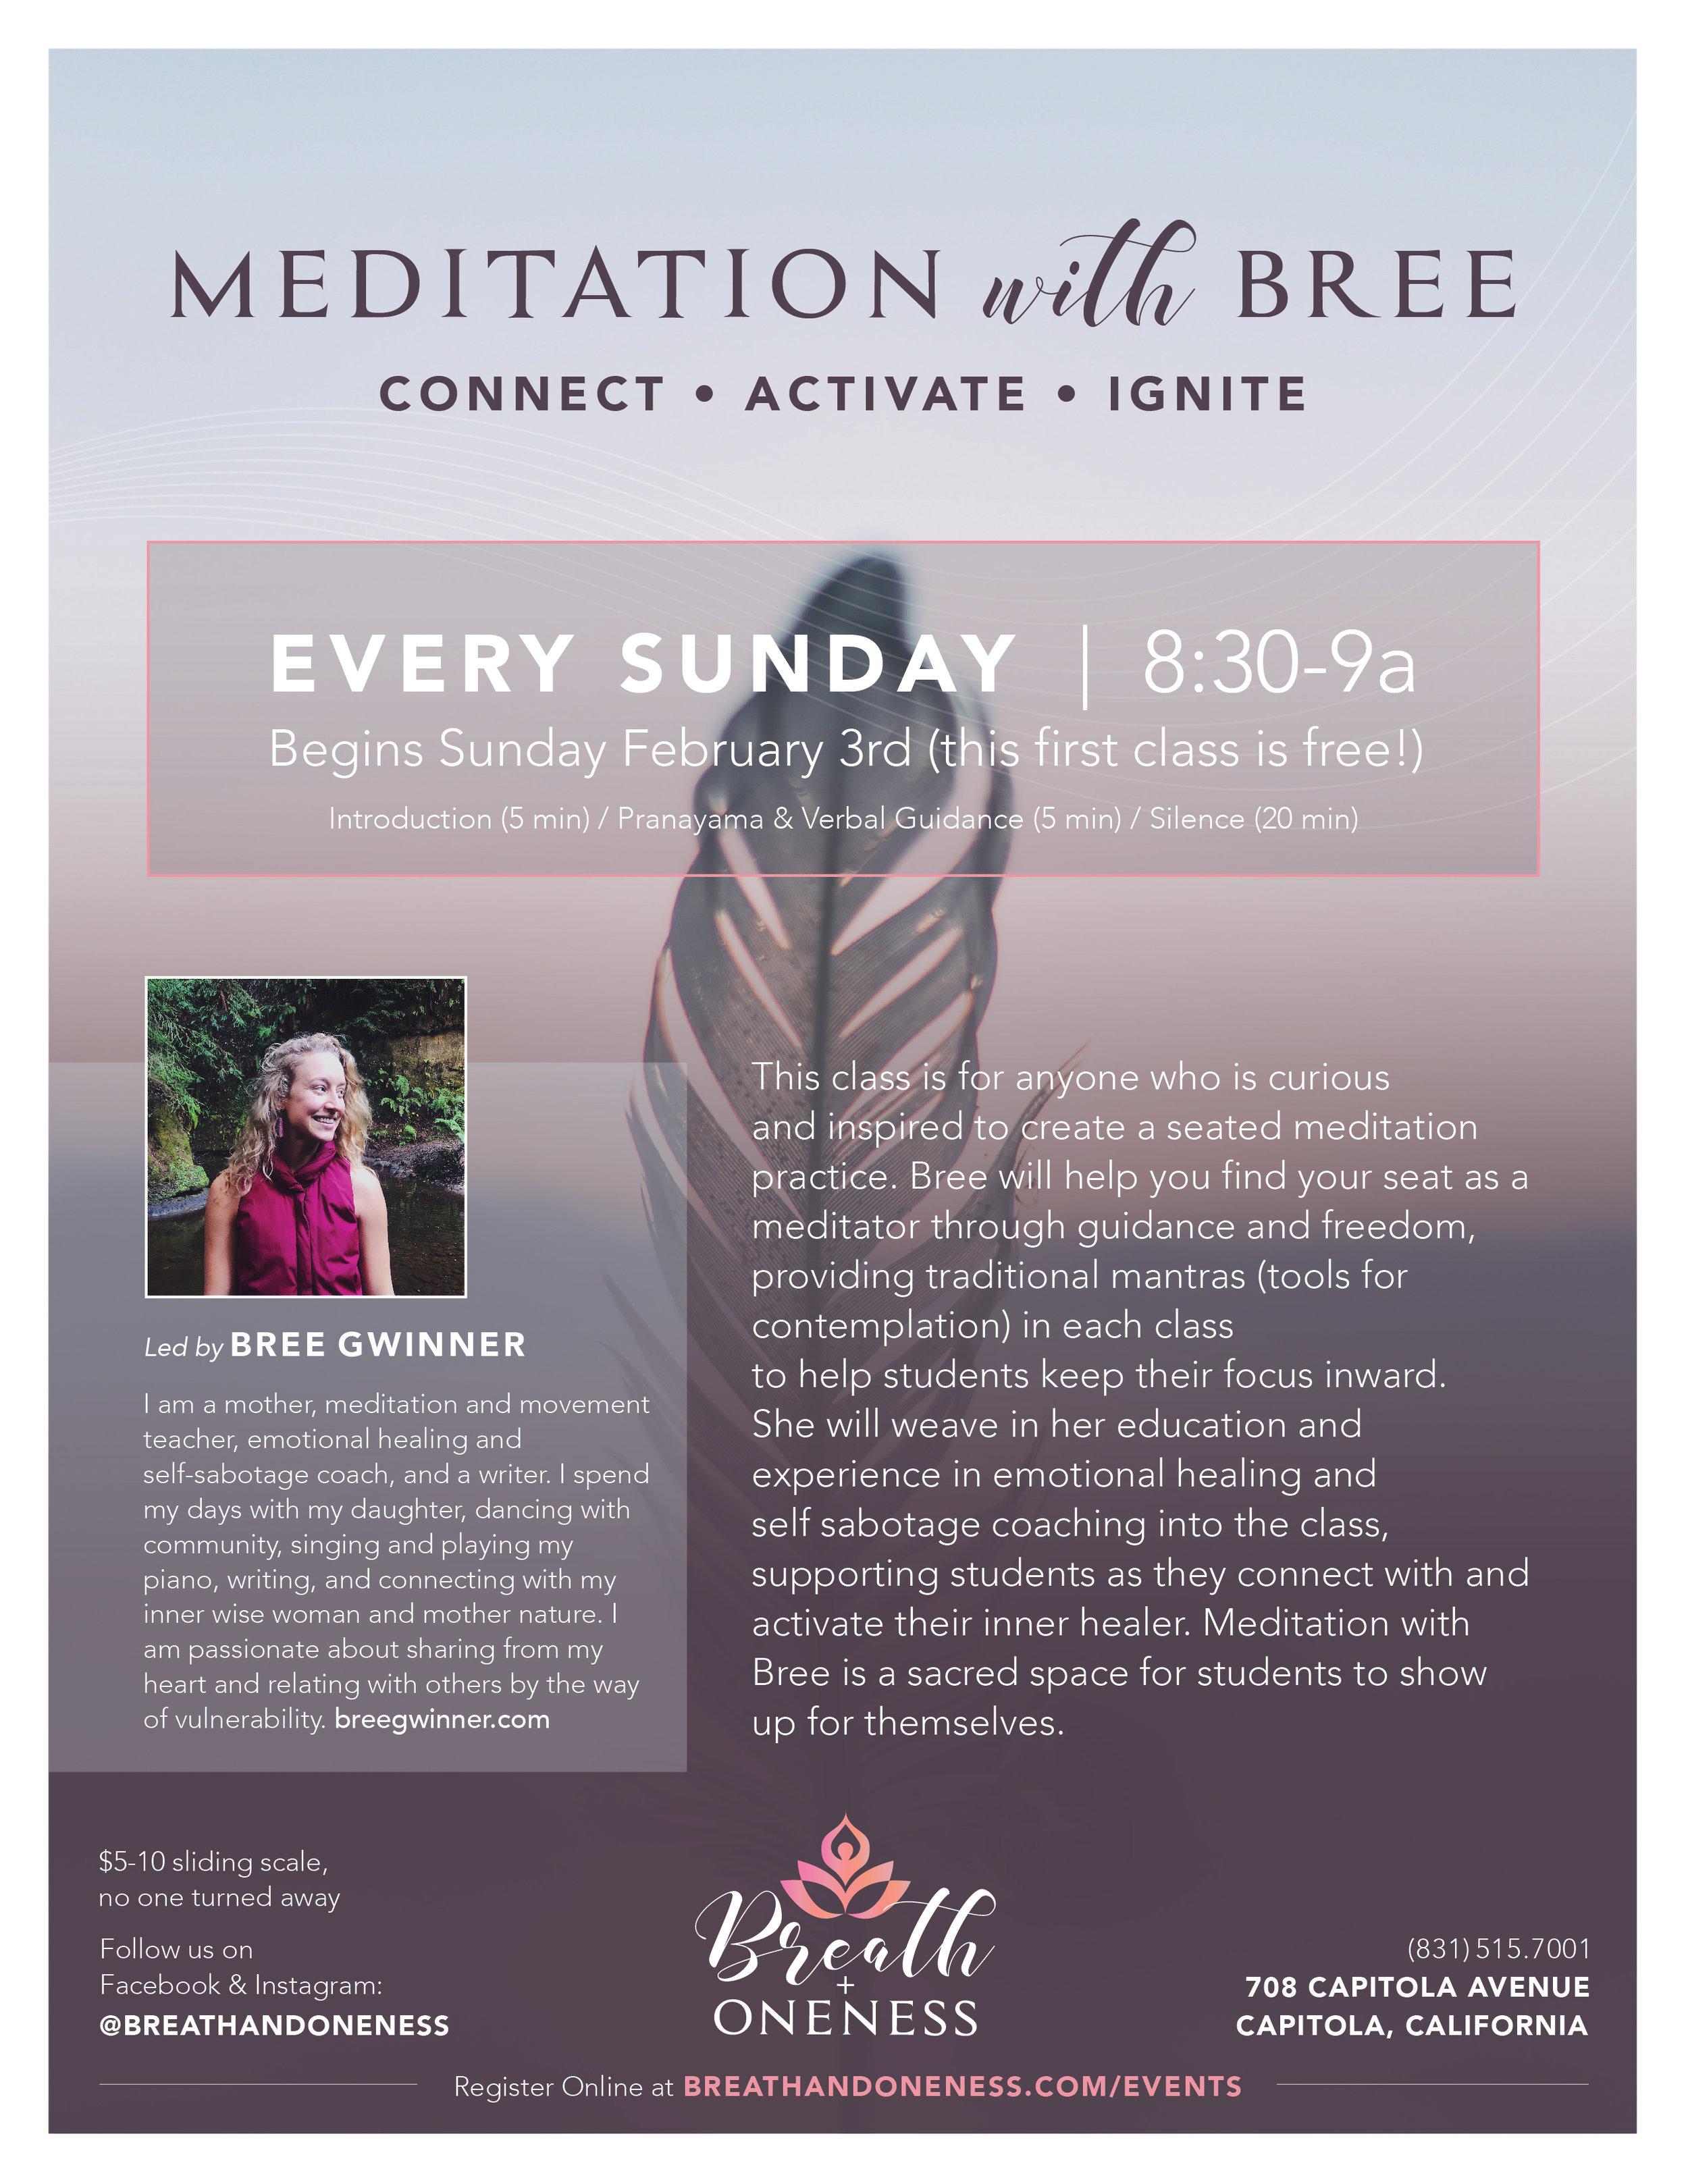 MeditationBree_8.5x11-01.jpg